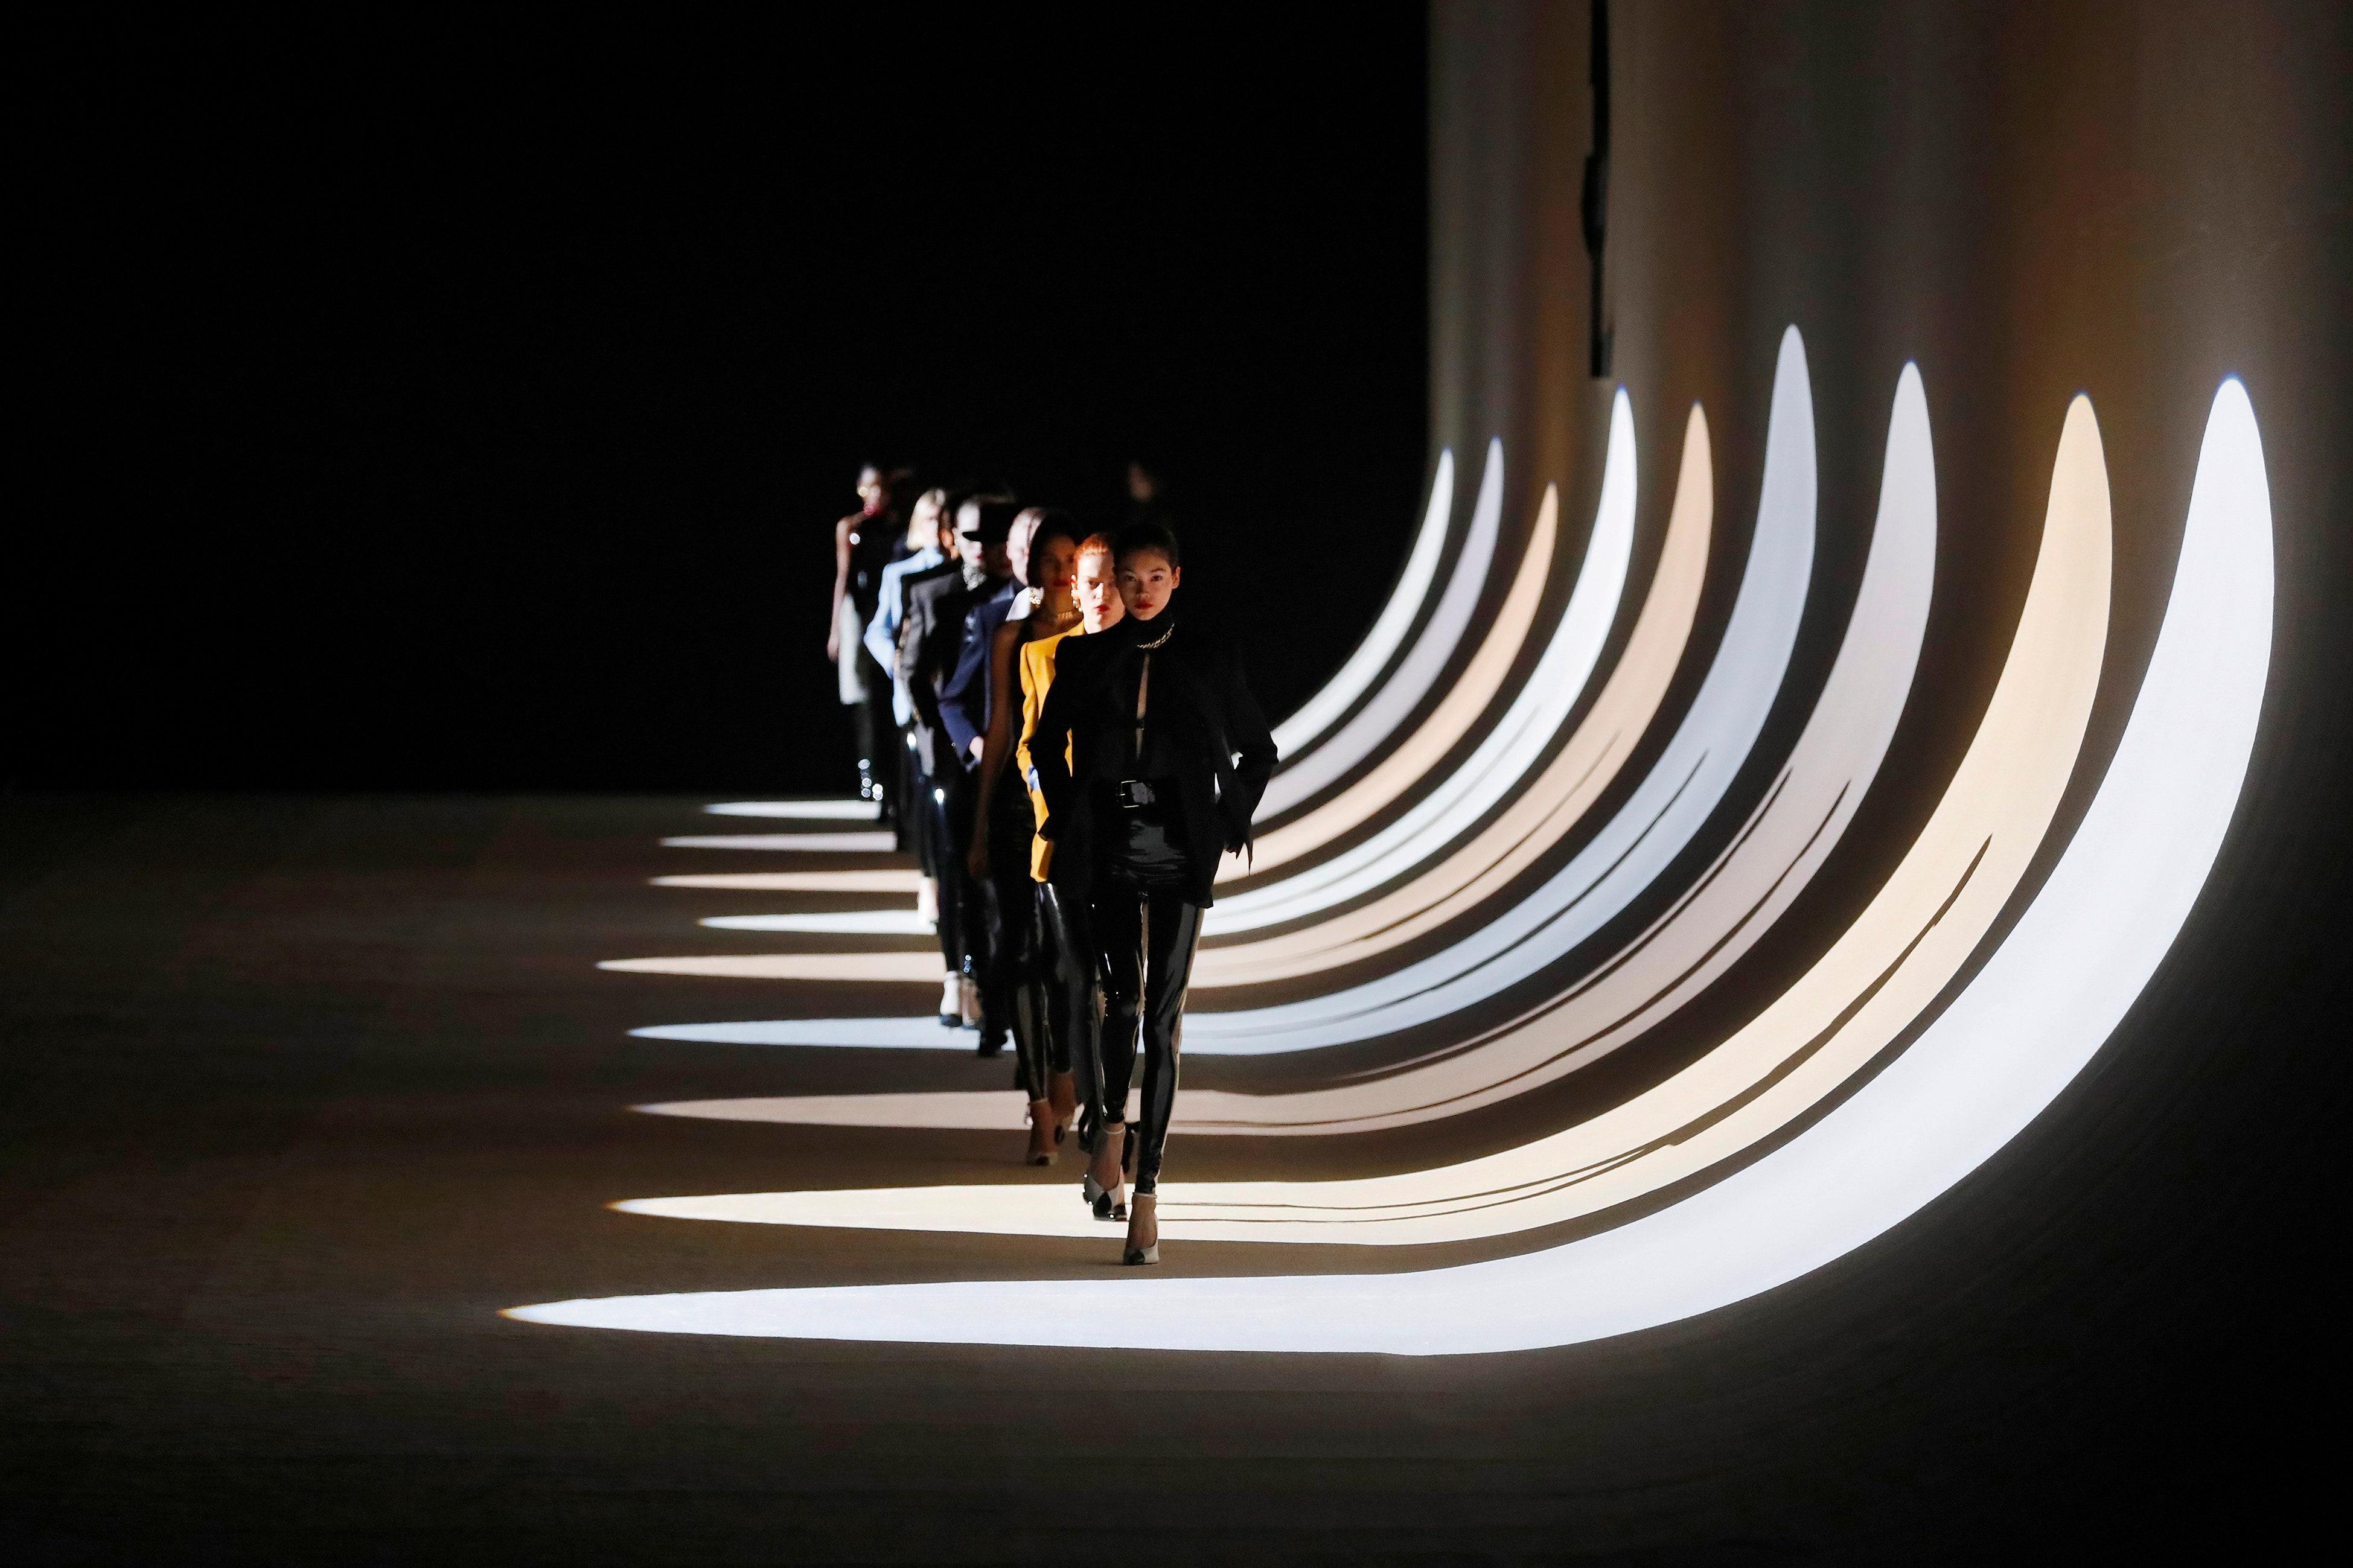 Saint Laurent responde a la crisis y dice adiós a Paris Fashion Week en 2020